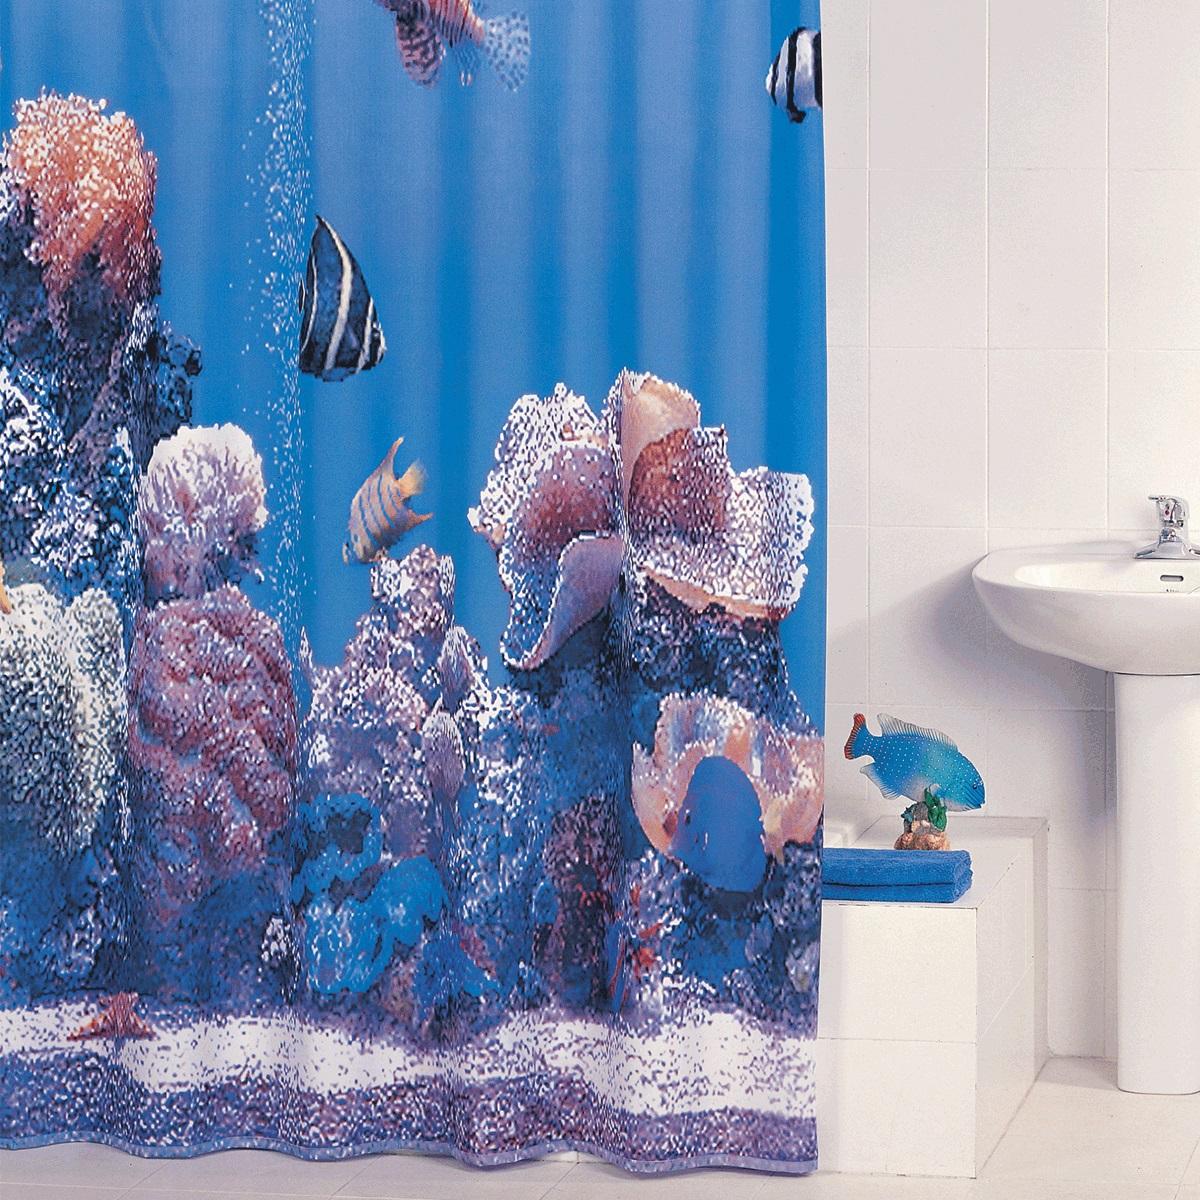 Штора для ванной Iddis Pacific Ocean, цвет: голубой, 180 x 200 смSCID190Pматериал: текстиль, 100% полиэстер, водоотталкивающая пропитка, кольца в комплекте, упаковка ПВХ пакет, плотность 110 г/м, 12 металл. люверсов,